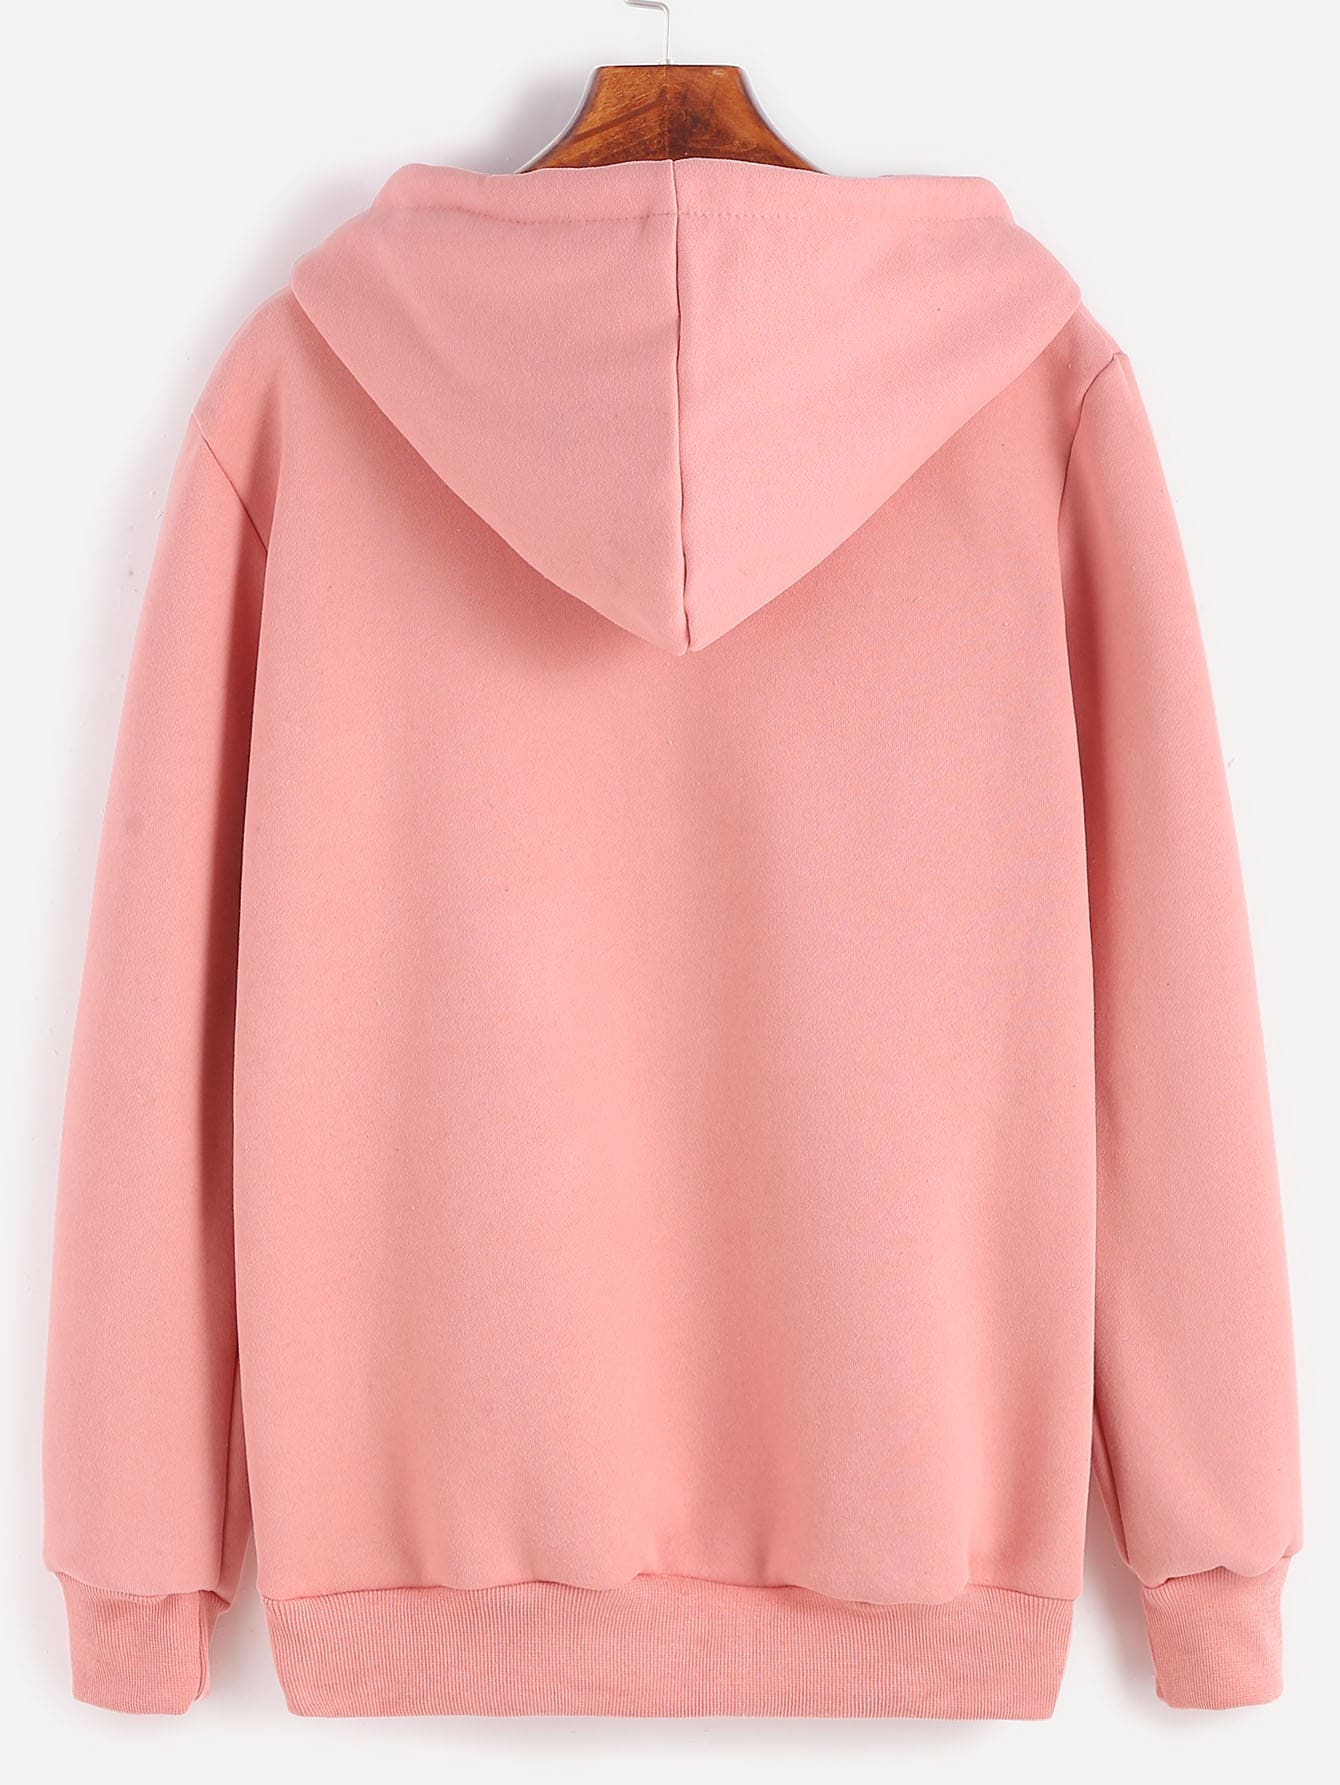 sweatshirt161117001_2